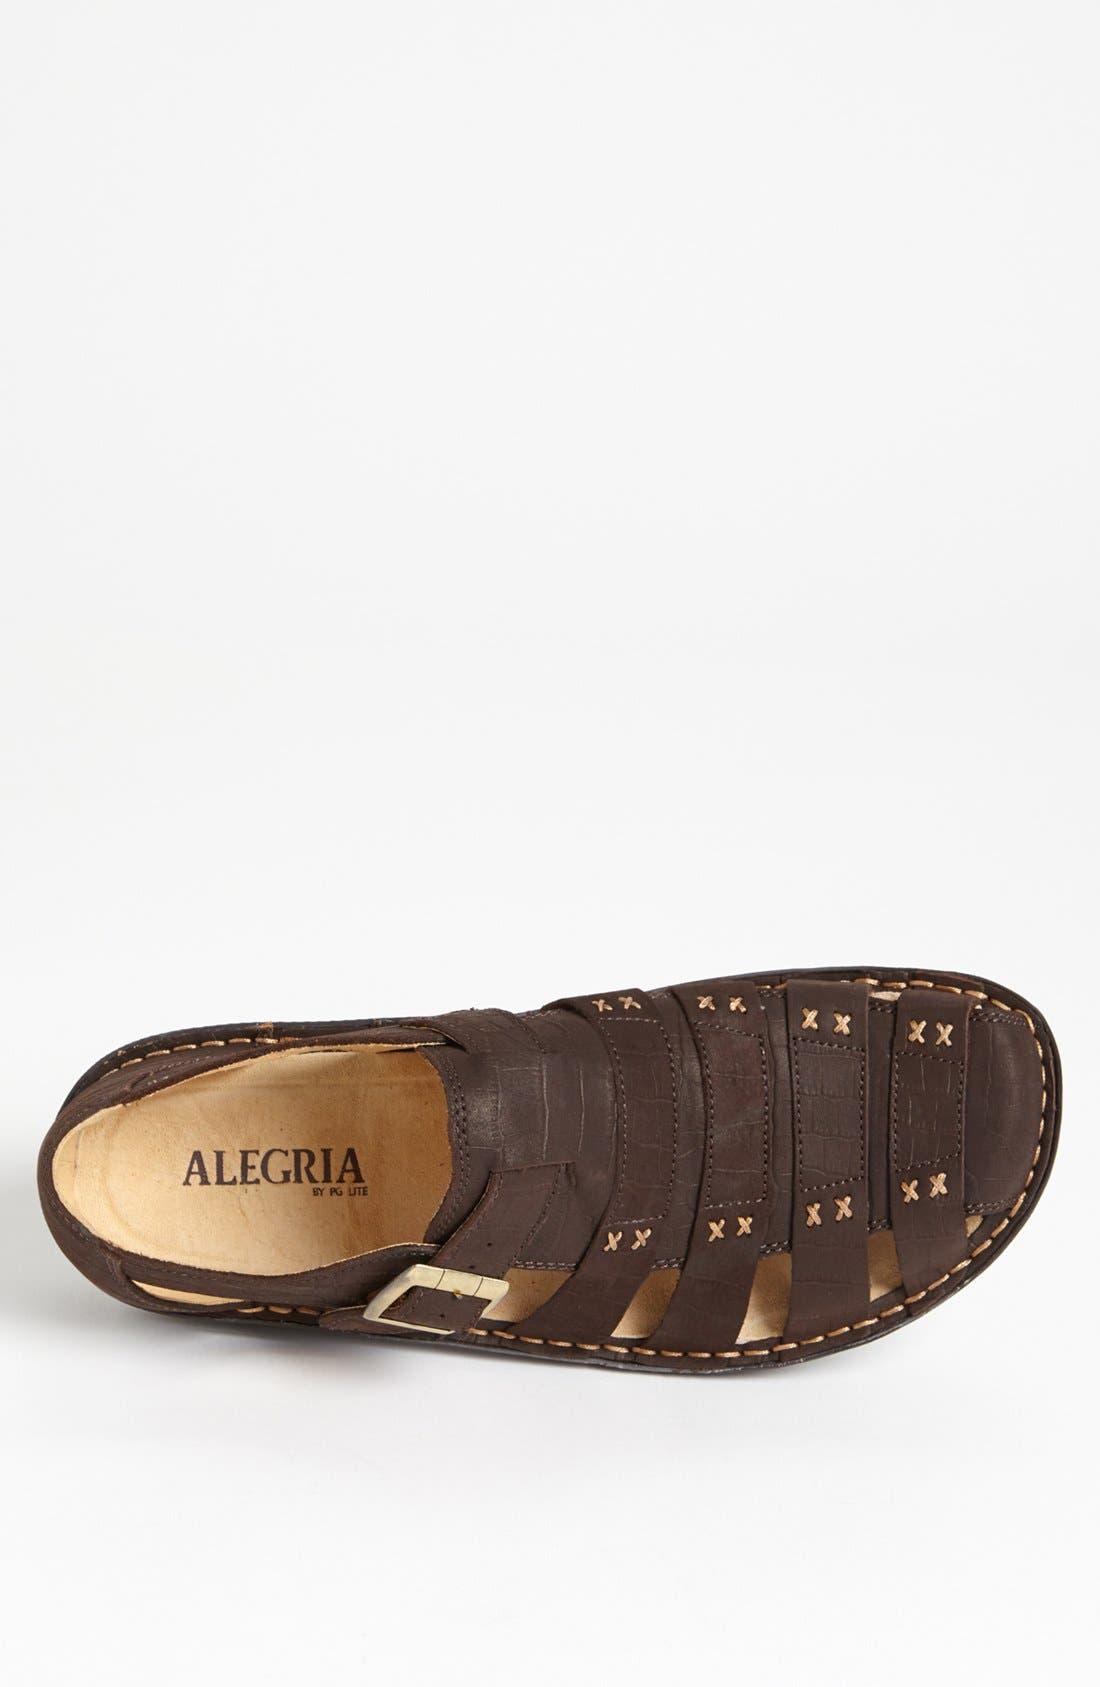 Alternate Image 3  - Alegria 'Martinique' Sandal